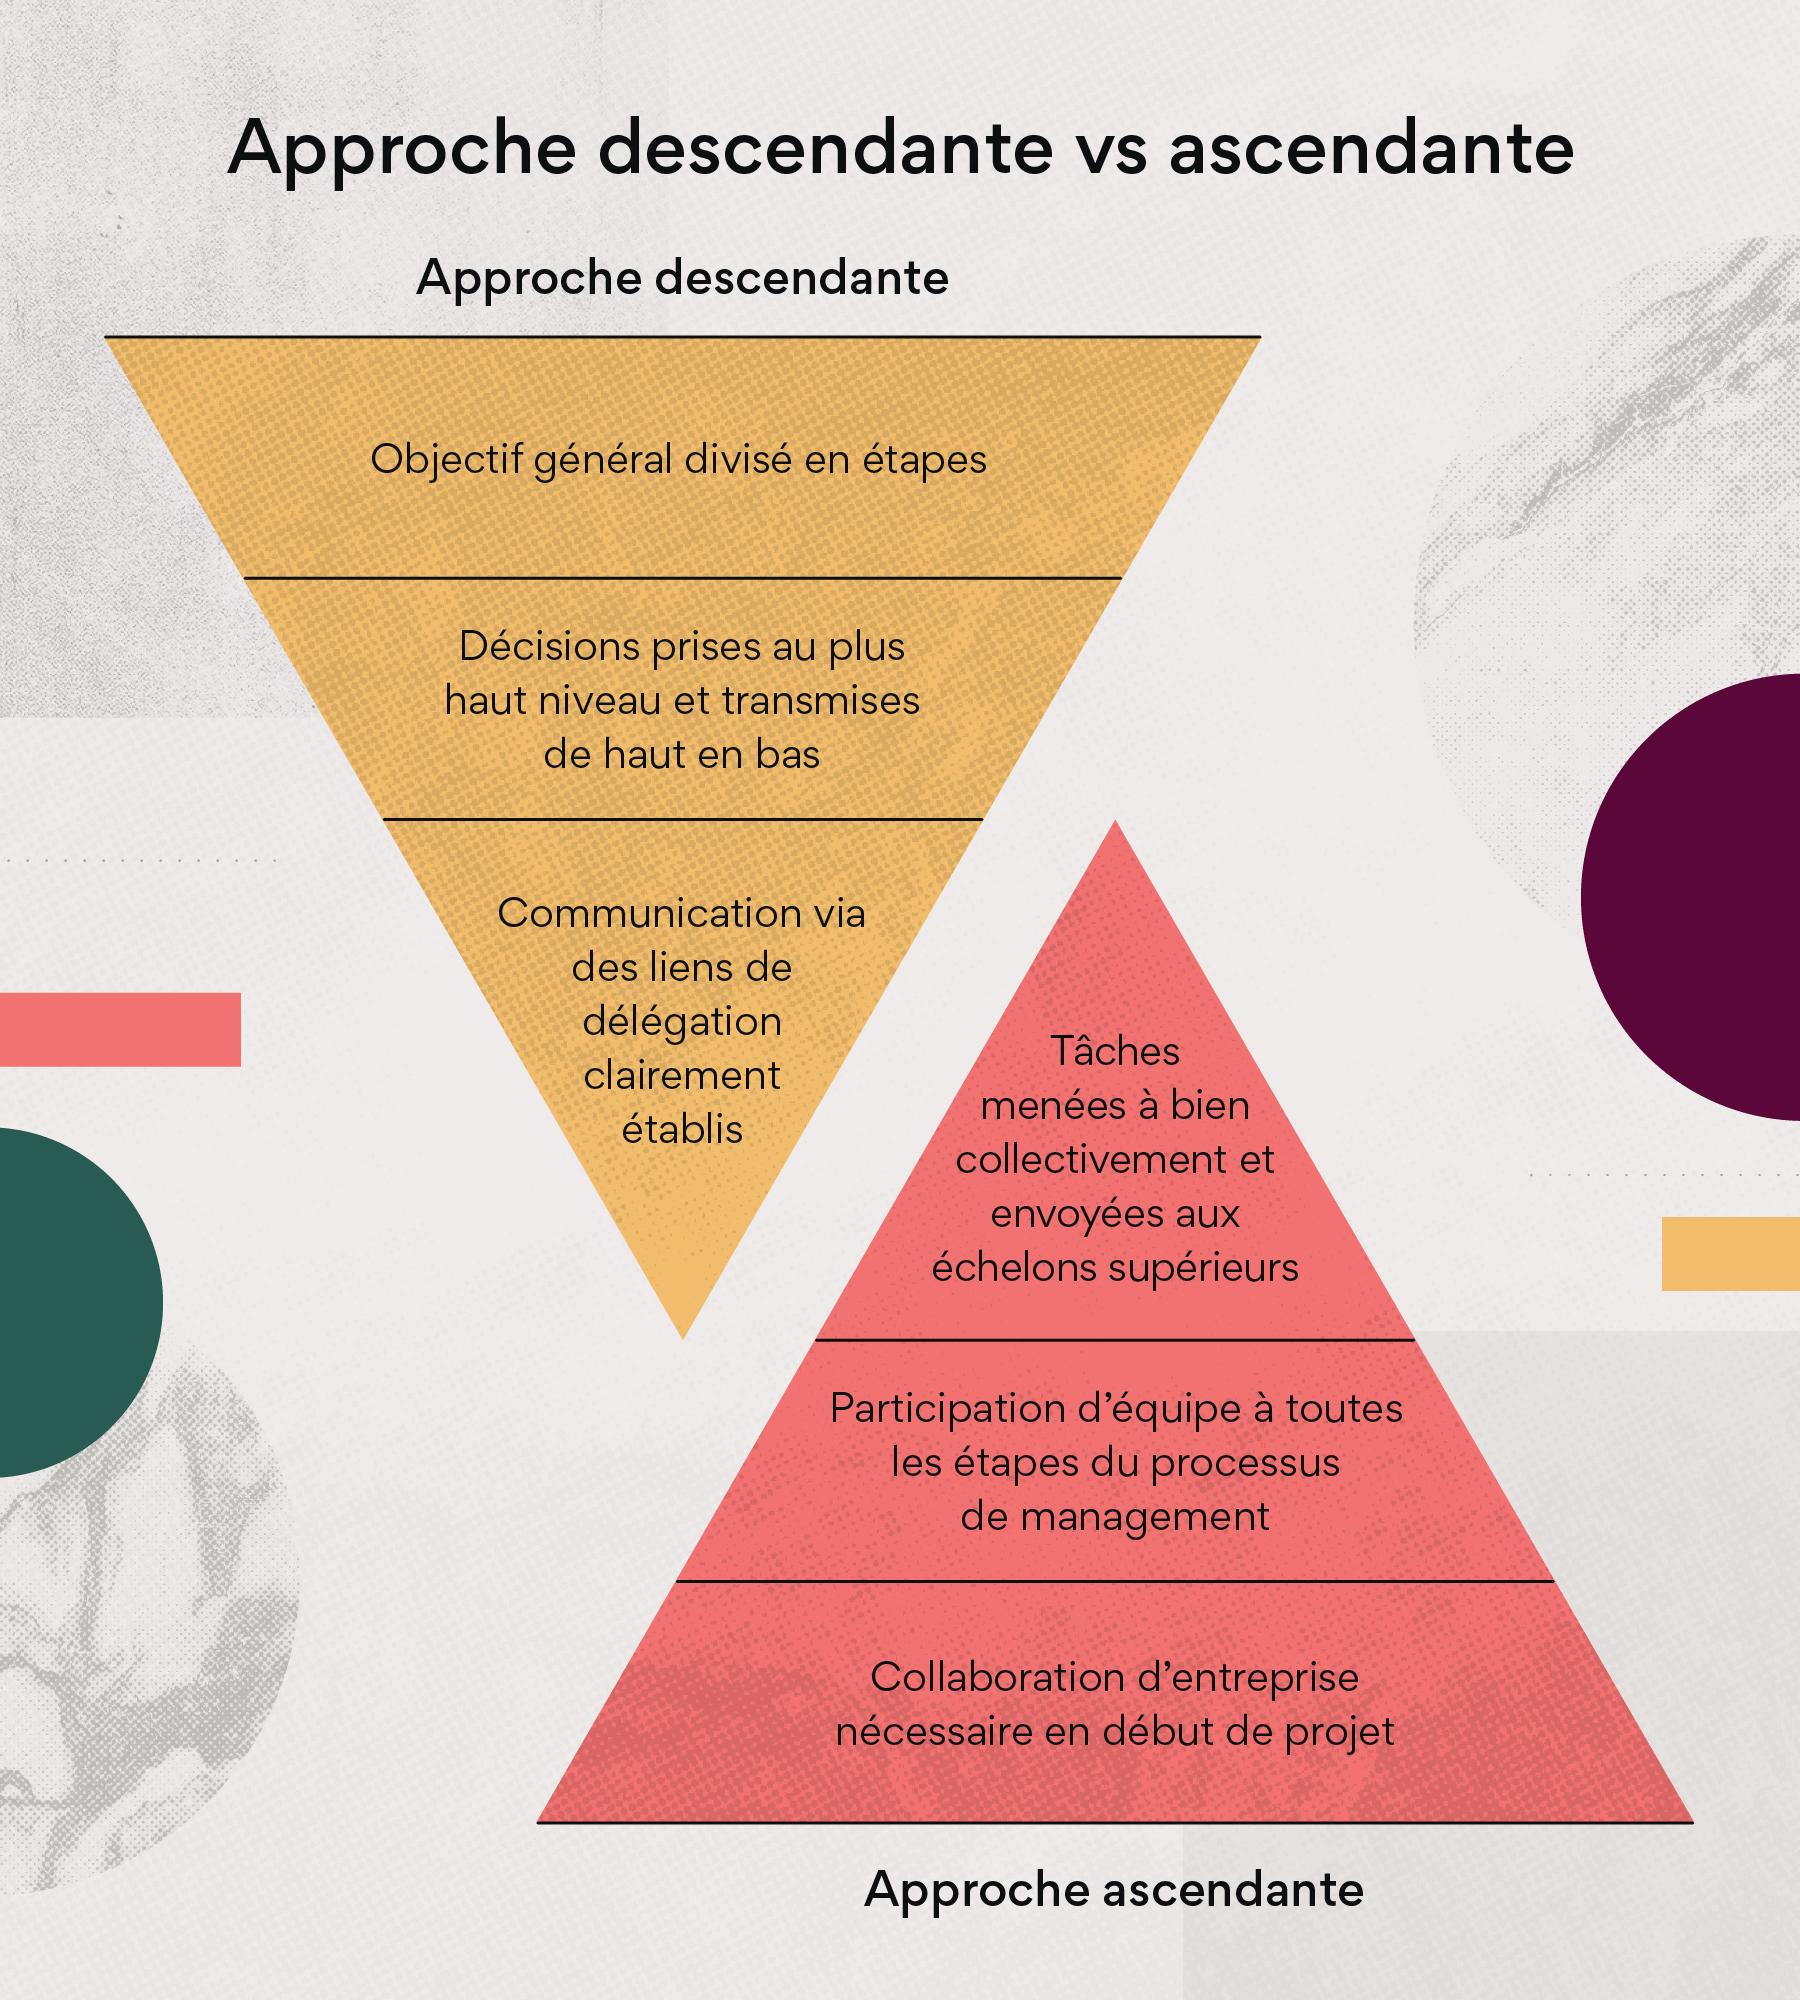 Approche descendante vs ascendante